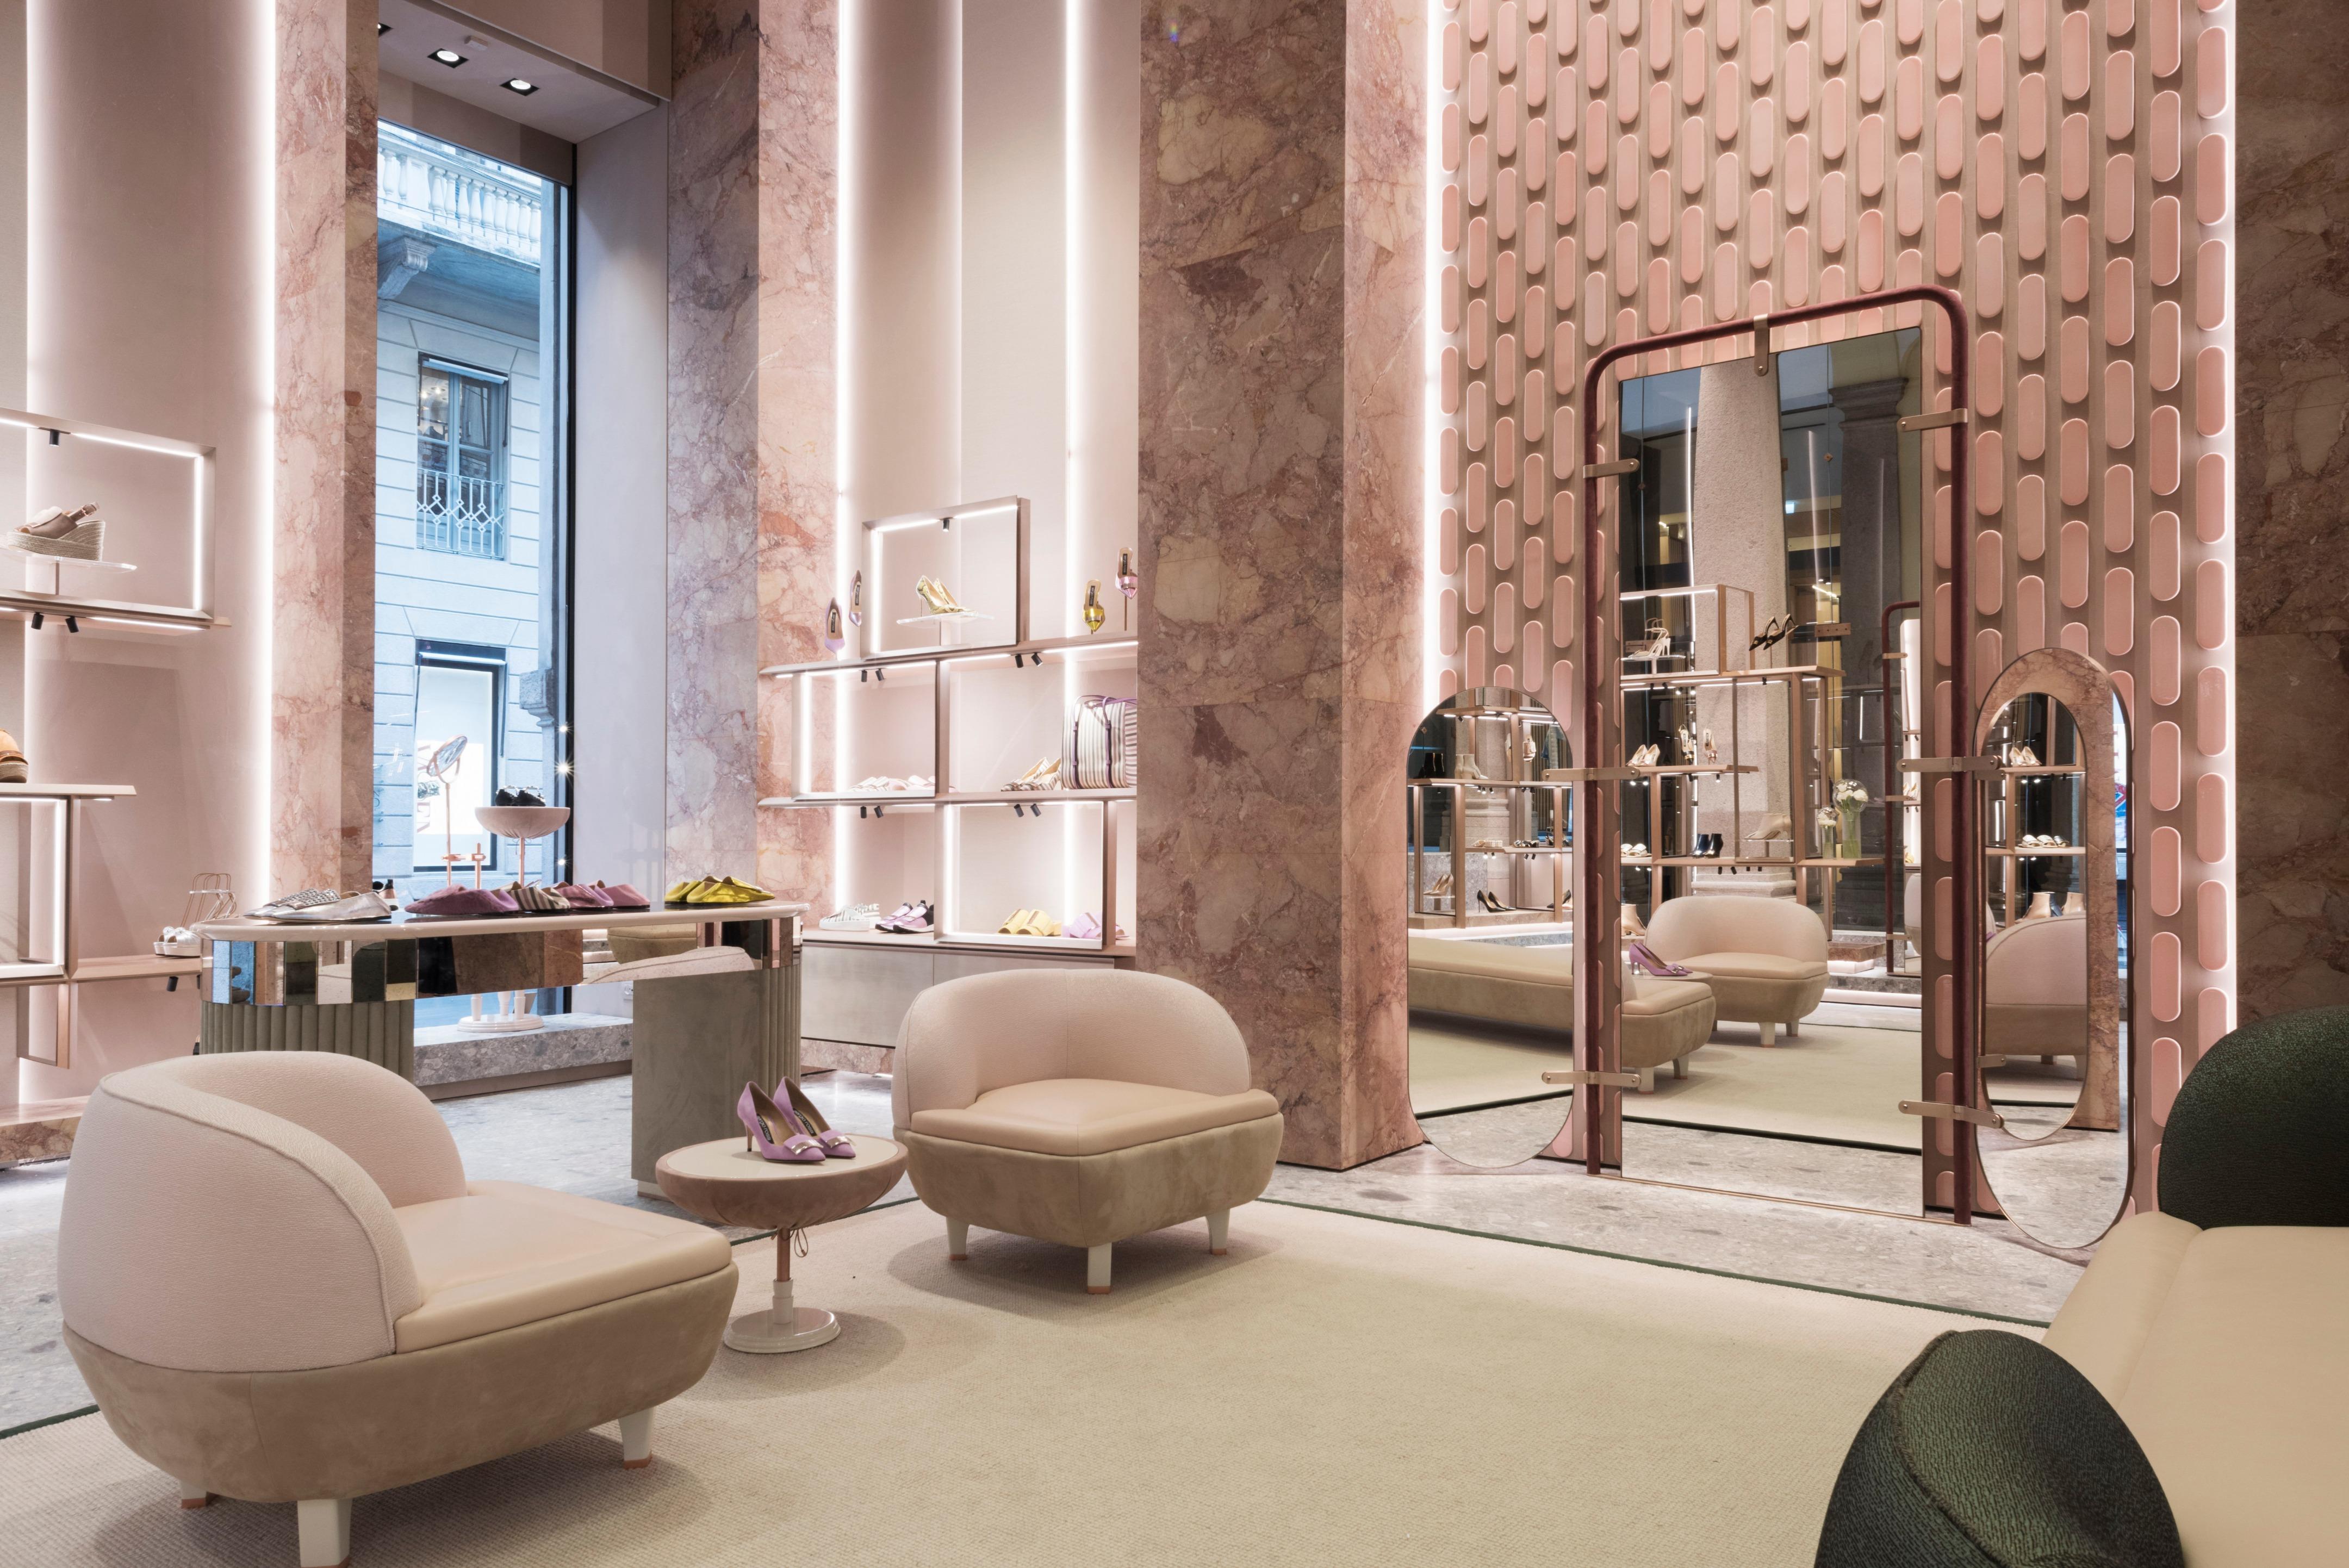 Ceppo Di Legno Tavolino sergio rossi | marco costanzi architects